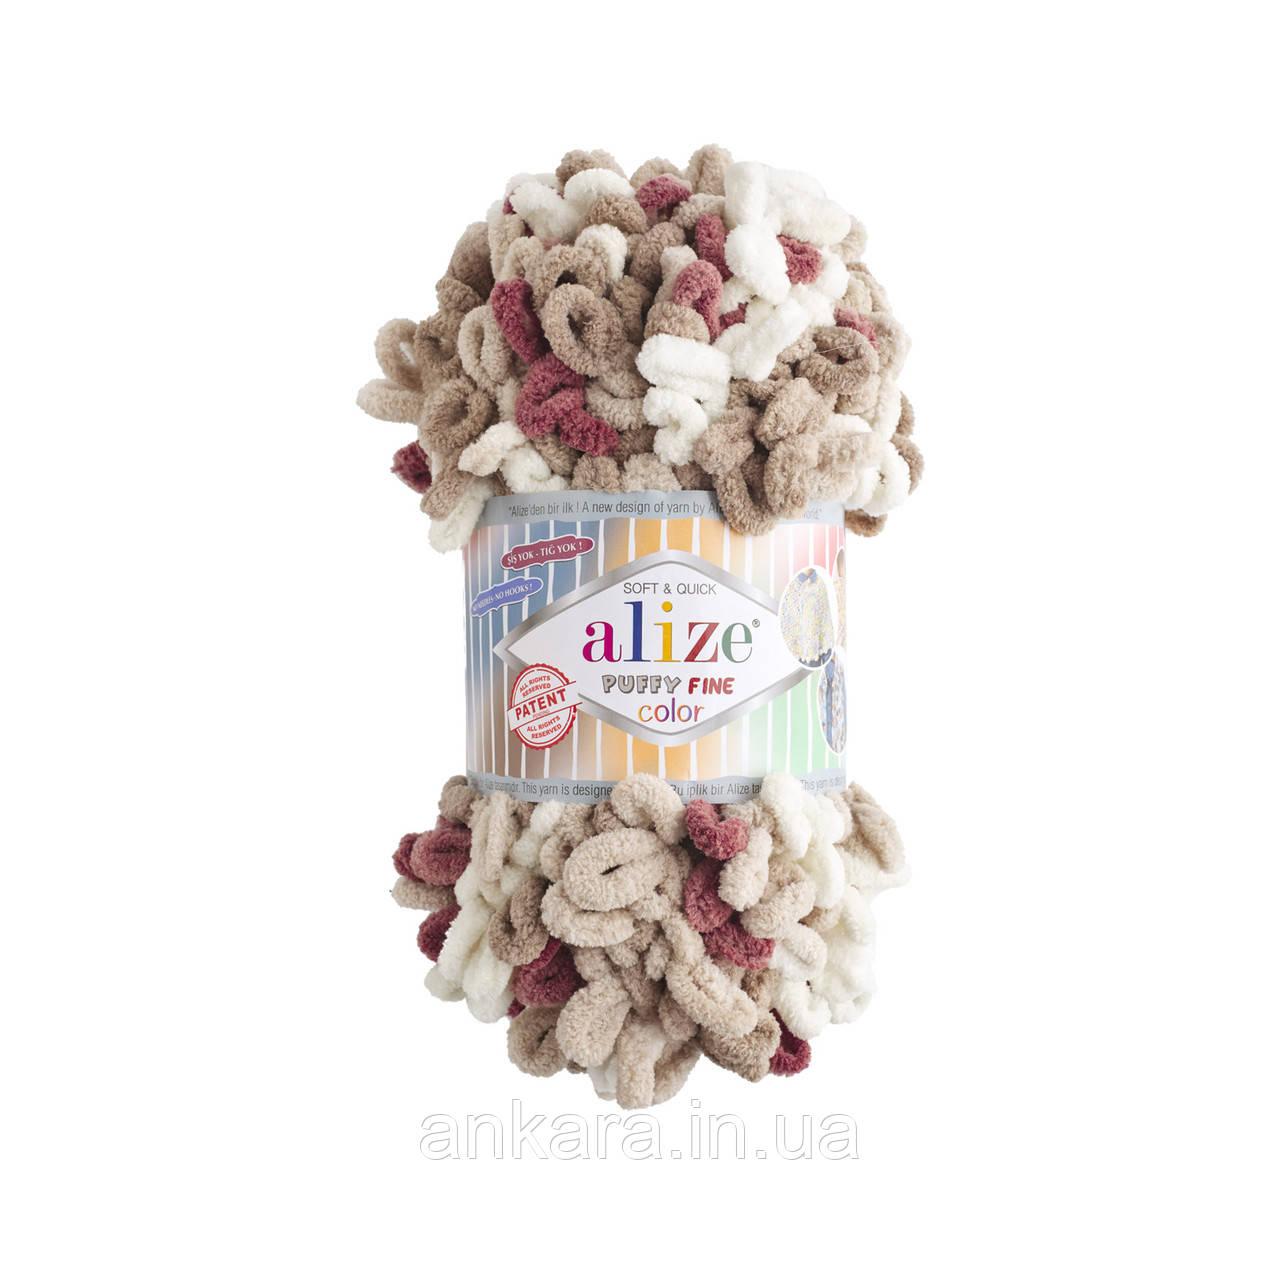 Alize Puffy Fine Color 6040